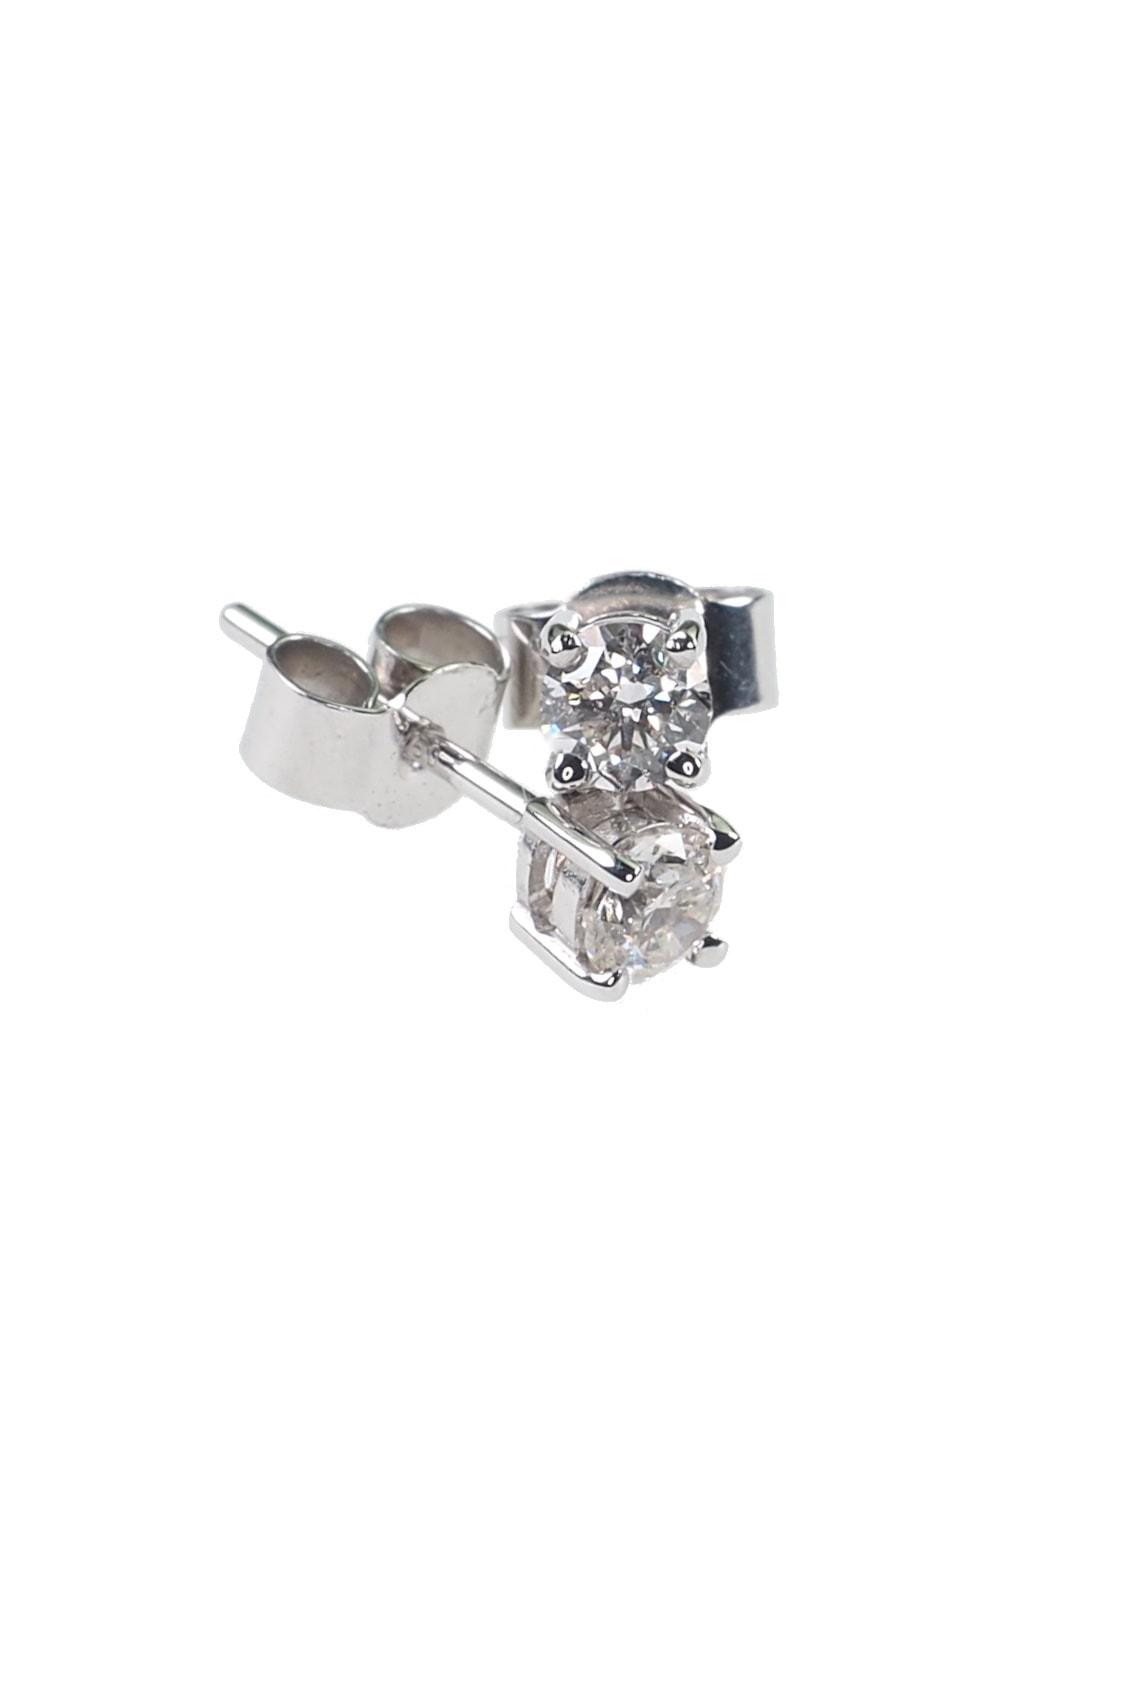 Ohrringe-sicher-kaufen-2672